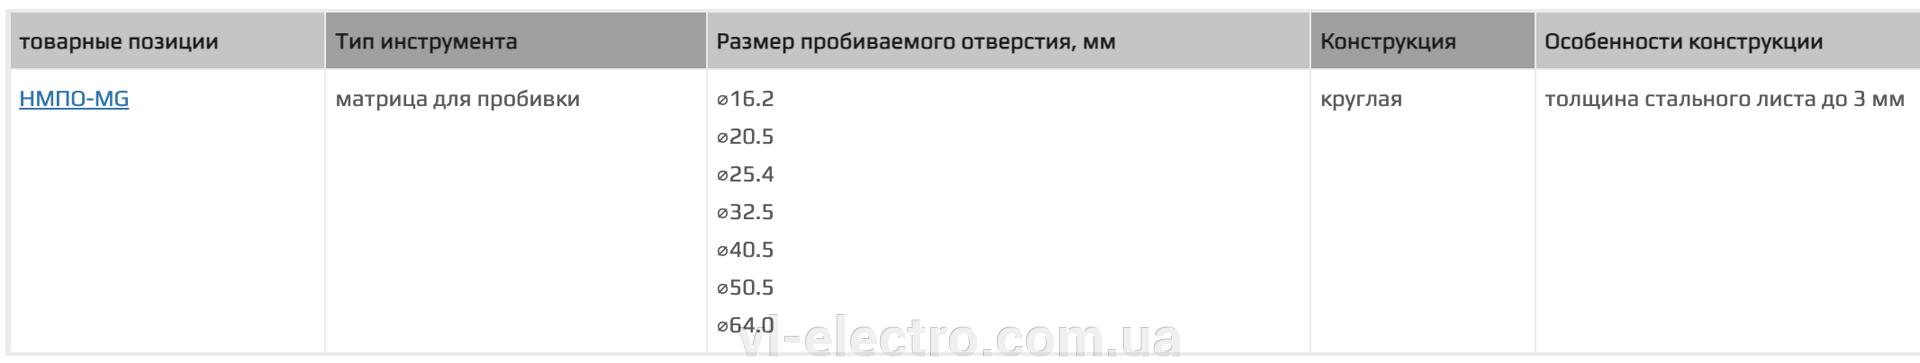 пробивка отверстий КВТ Украина